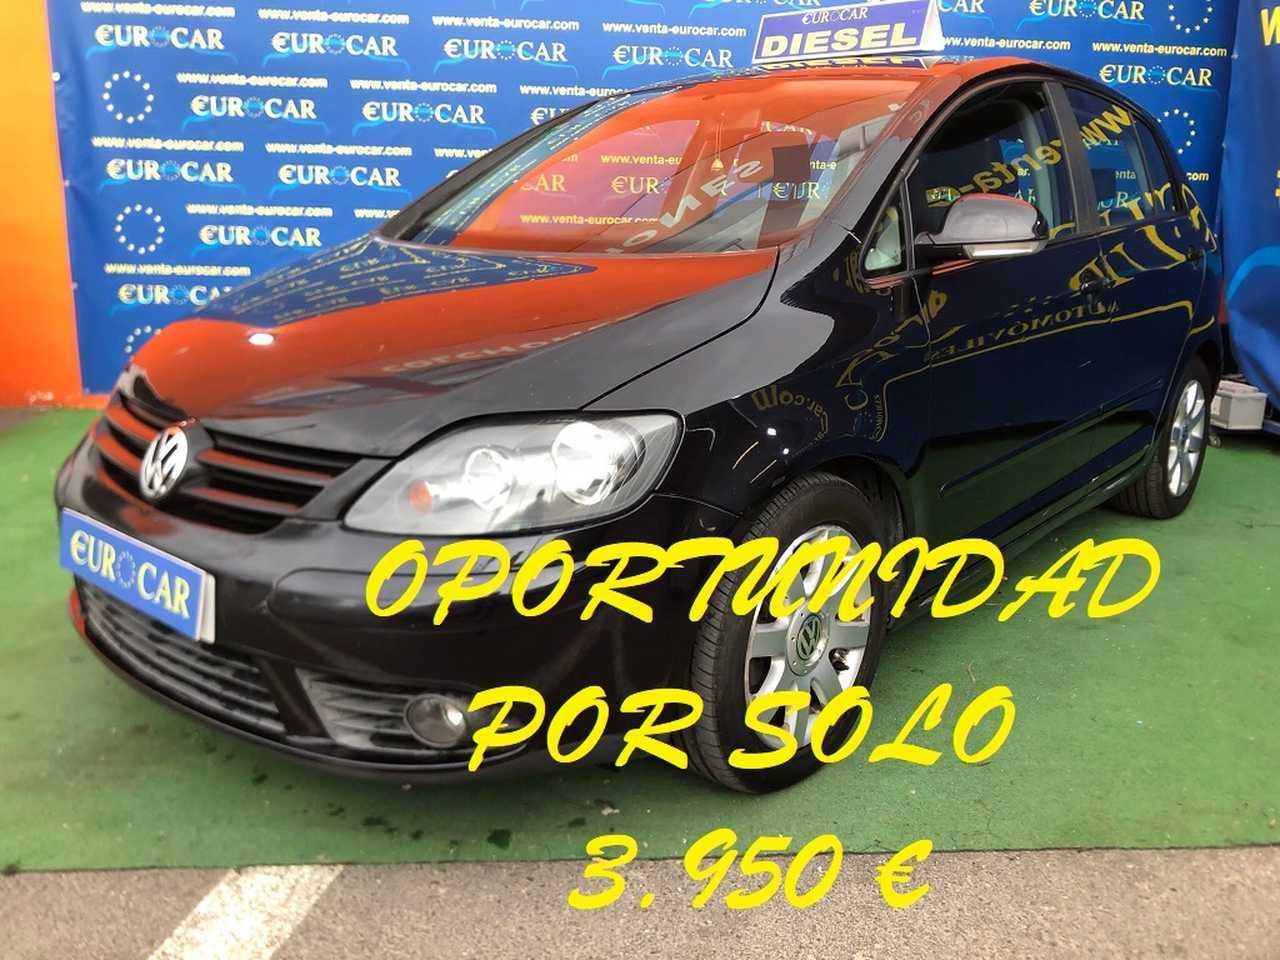 Volkswagen Golf Plus ocasión segunda mano 2005 Diésel por 3.950€ en Alicante